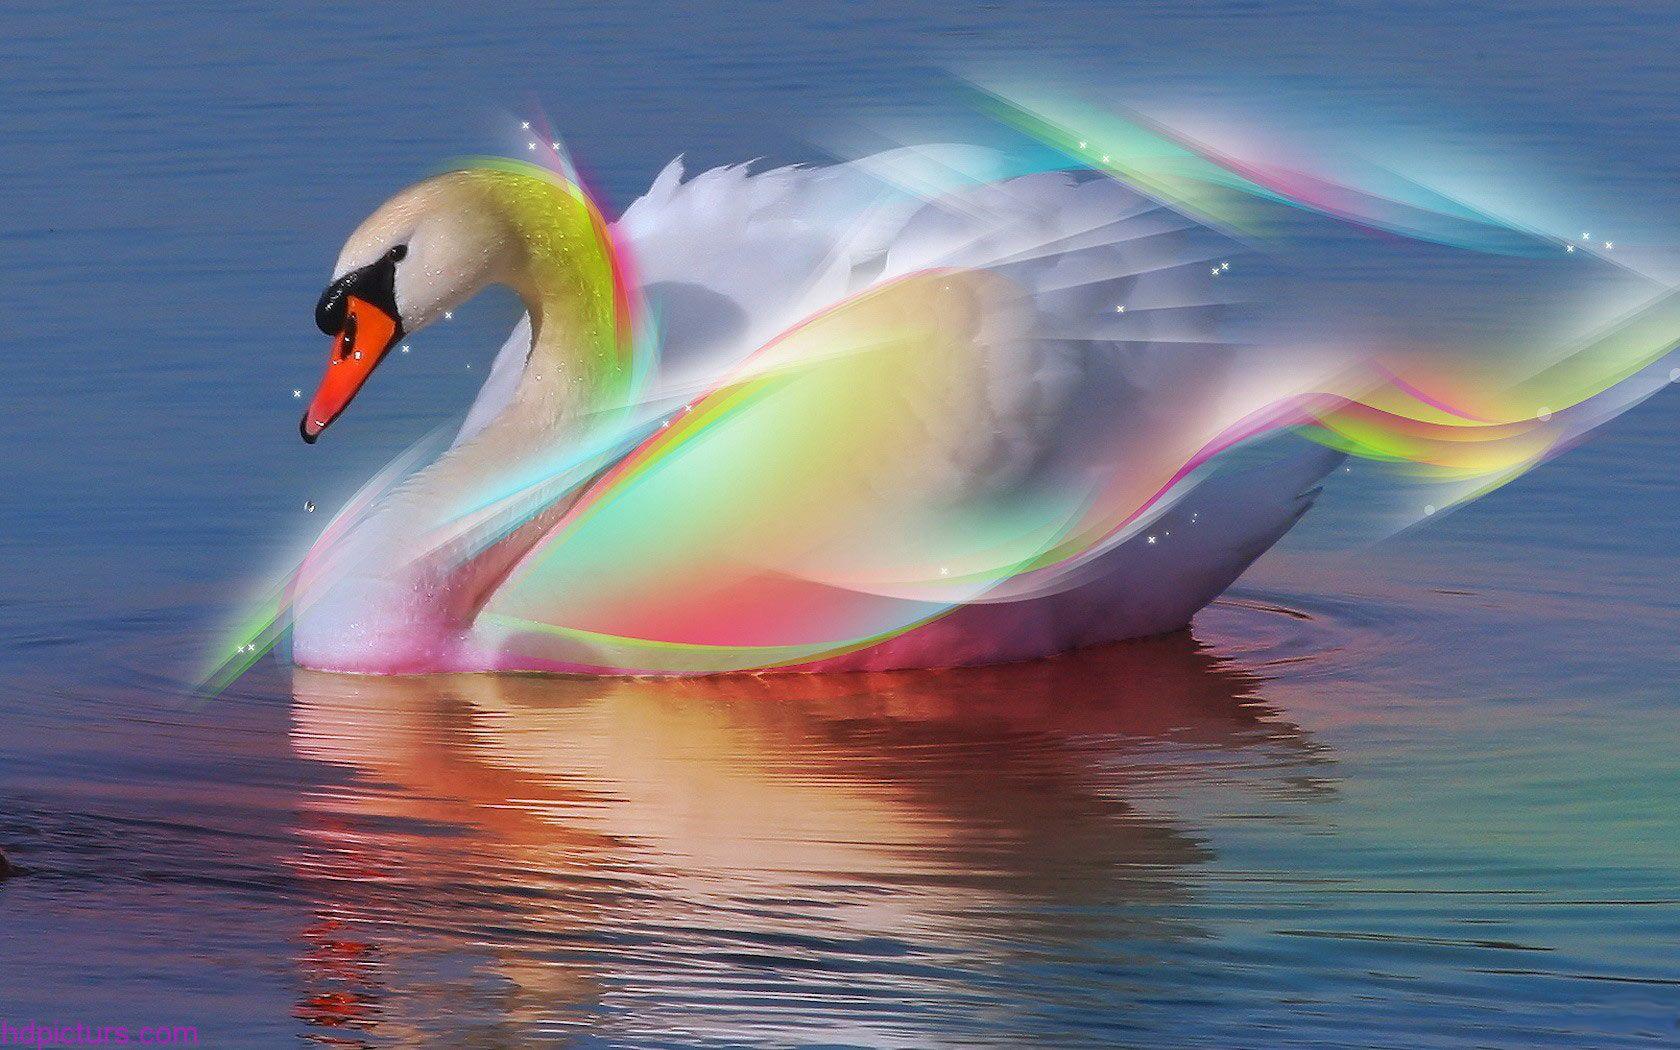 بالصور صور طبيعة جميلة , اروع صور من الطبيعه 9287 7